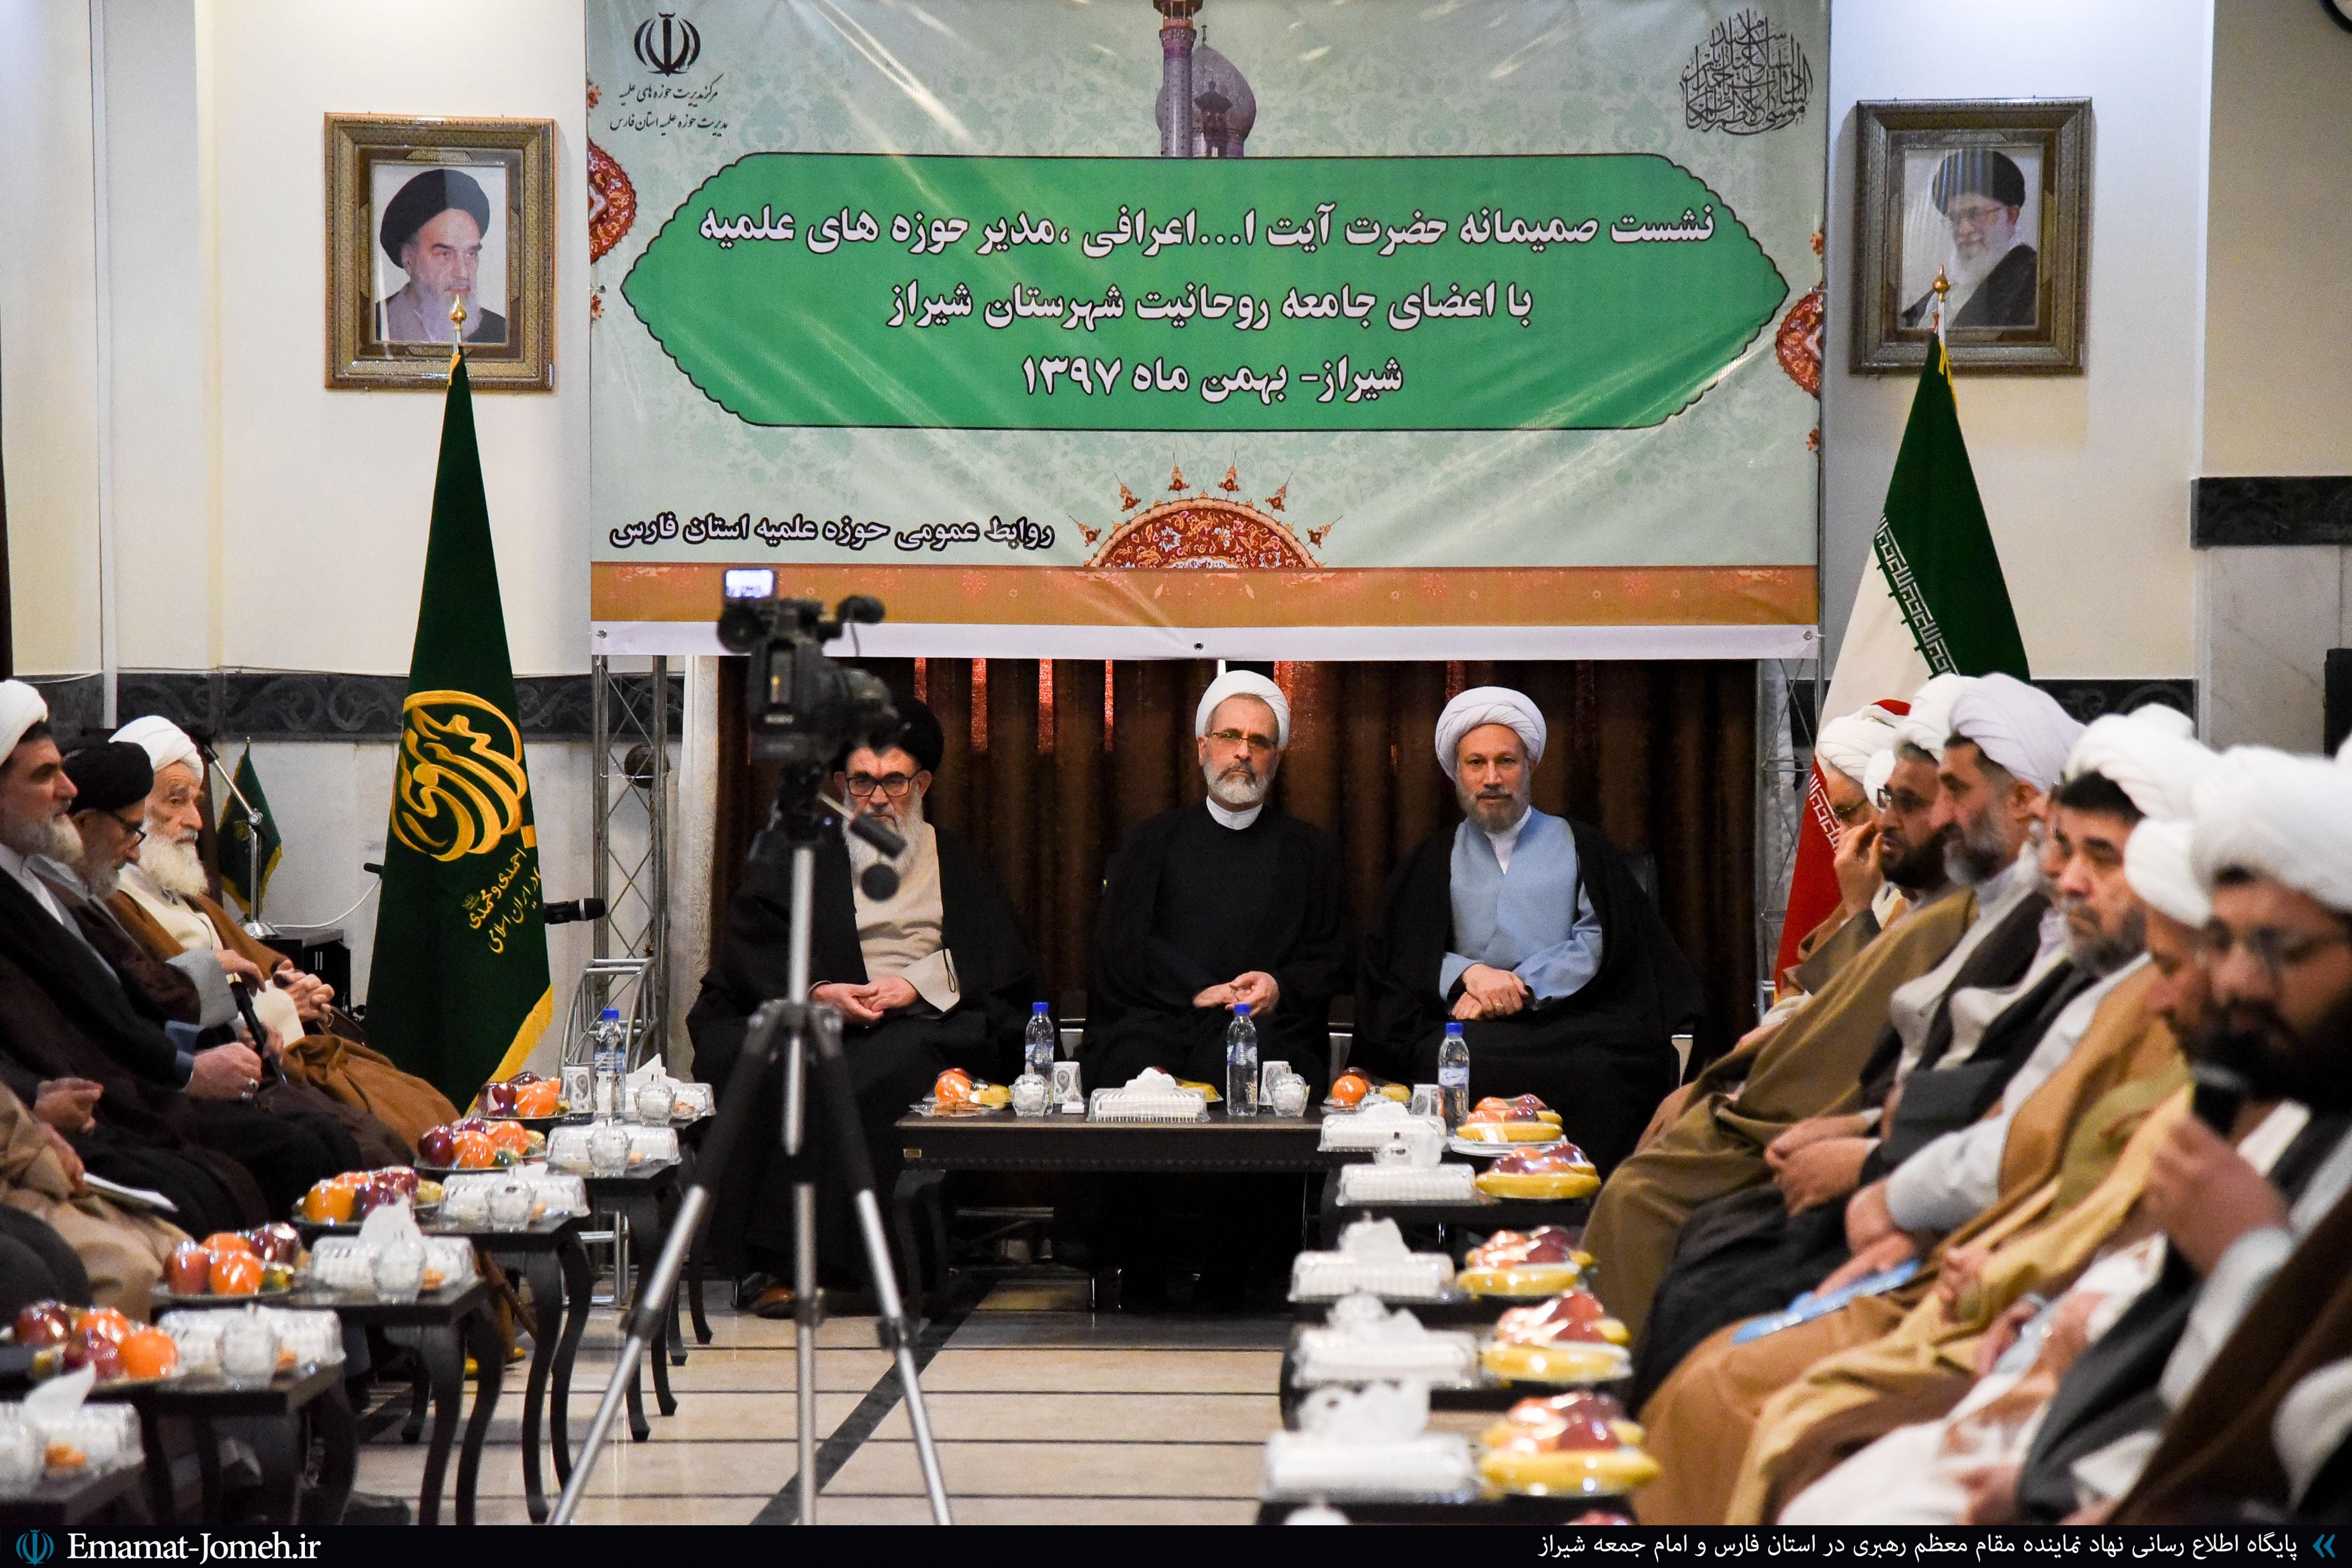 نشست صمیمانه حضرت آیت الله اعرافی مدیر حوزه های علمیه با اعضای جامعه روحانیت شهرستان شیراز